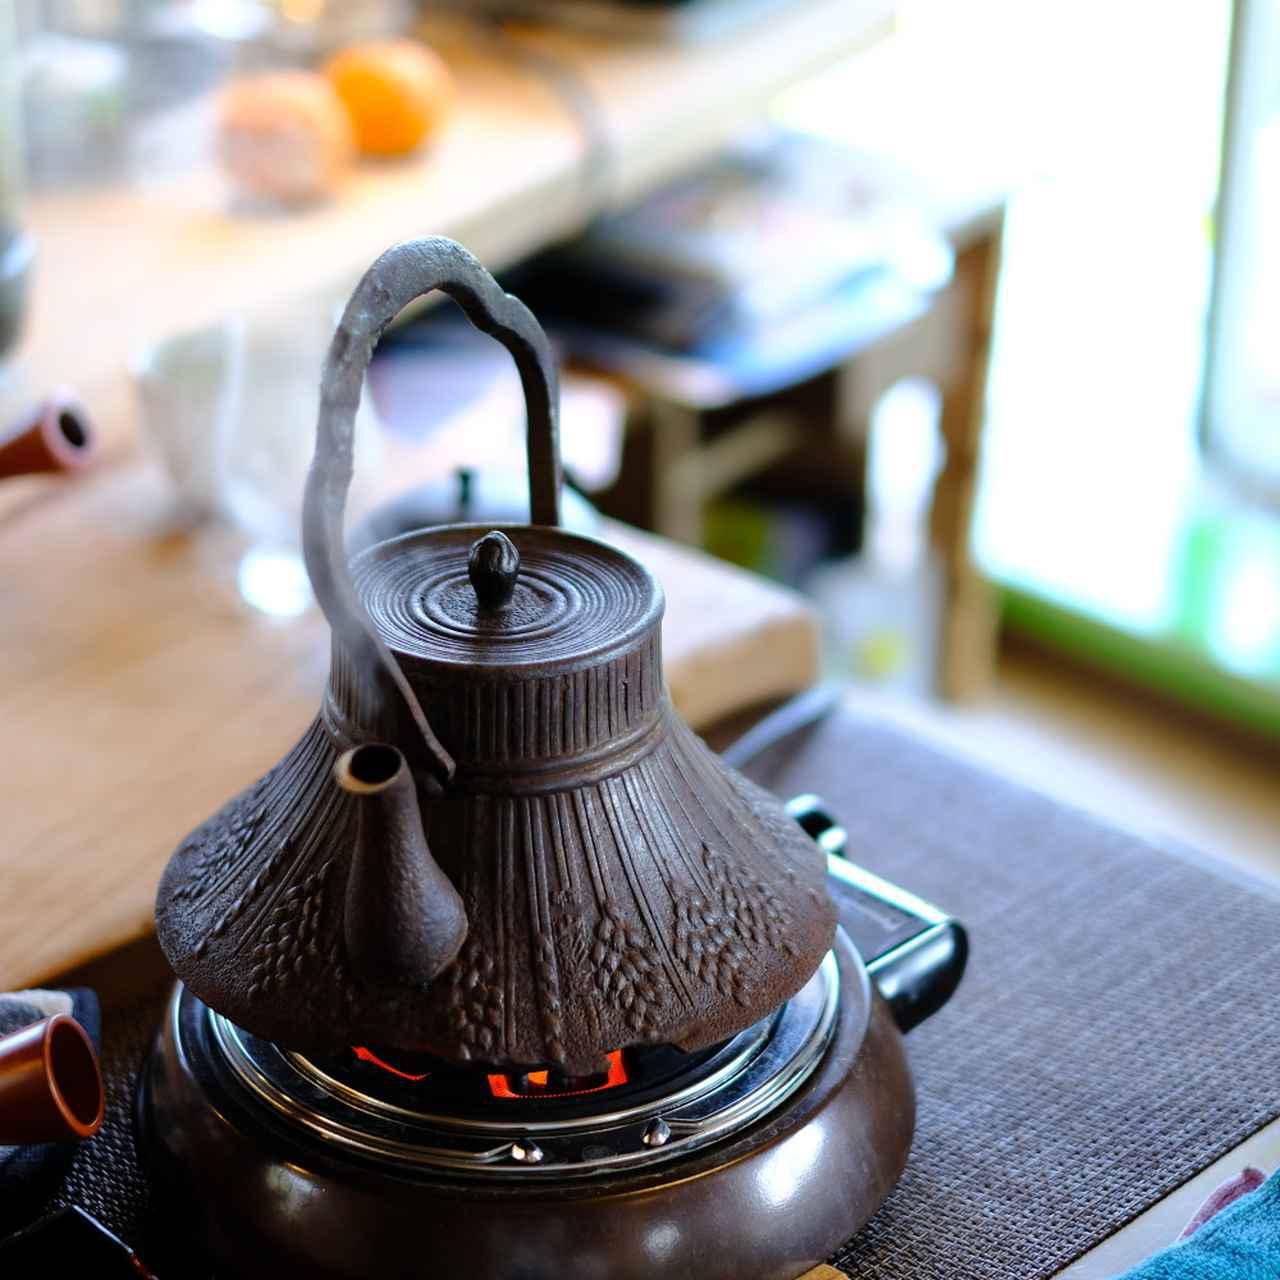 画像: 体調を崩したのをきっかけにお茶に興味を持つようになった、という平中さん。熊本でお茶作りを手伝うなどしながら、お茶には自らの心身がほぐれるような癒しがあることに気づいたということです。